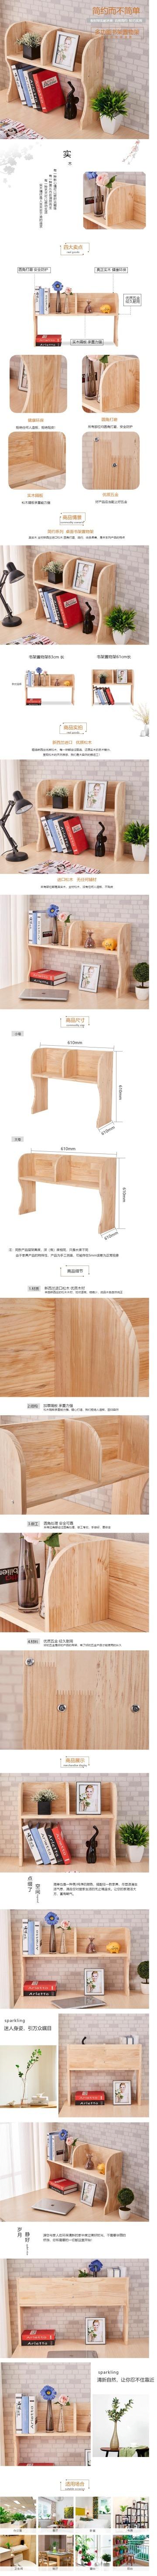 黄色清新家居家装书桌宣传营销电商详情页